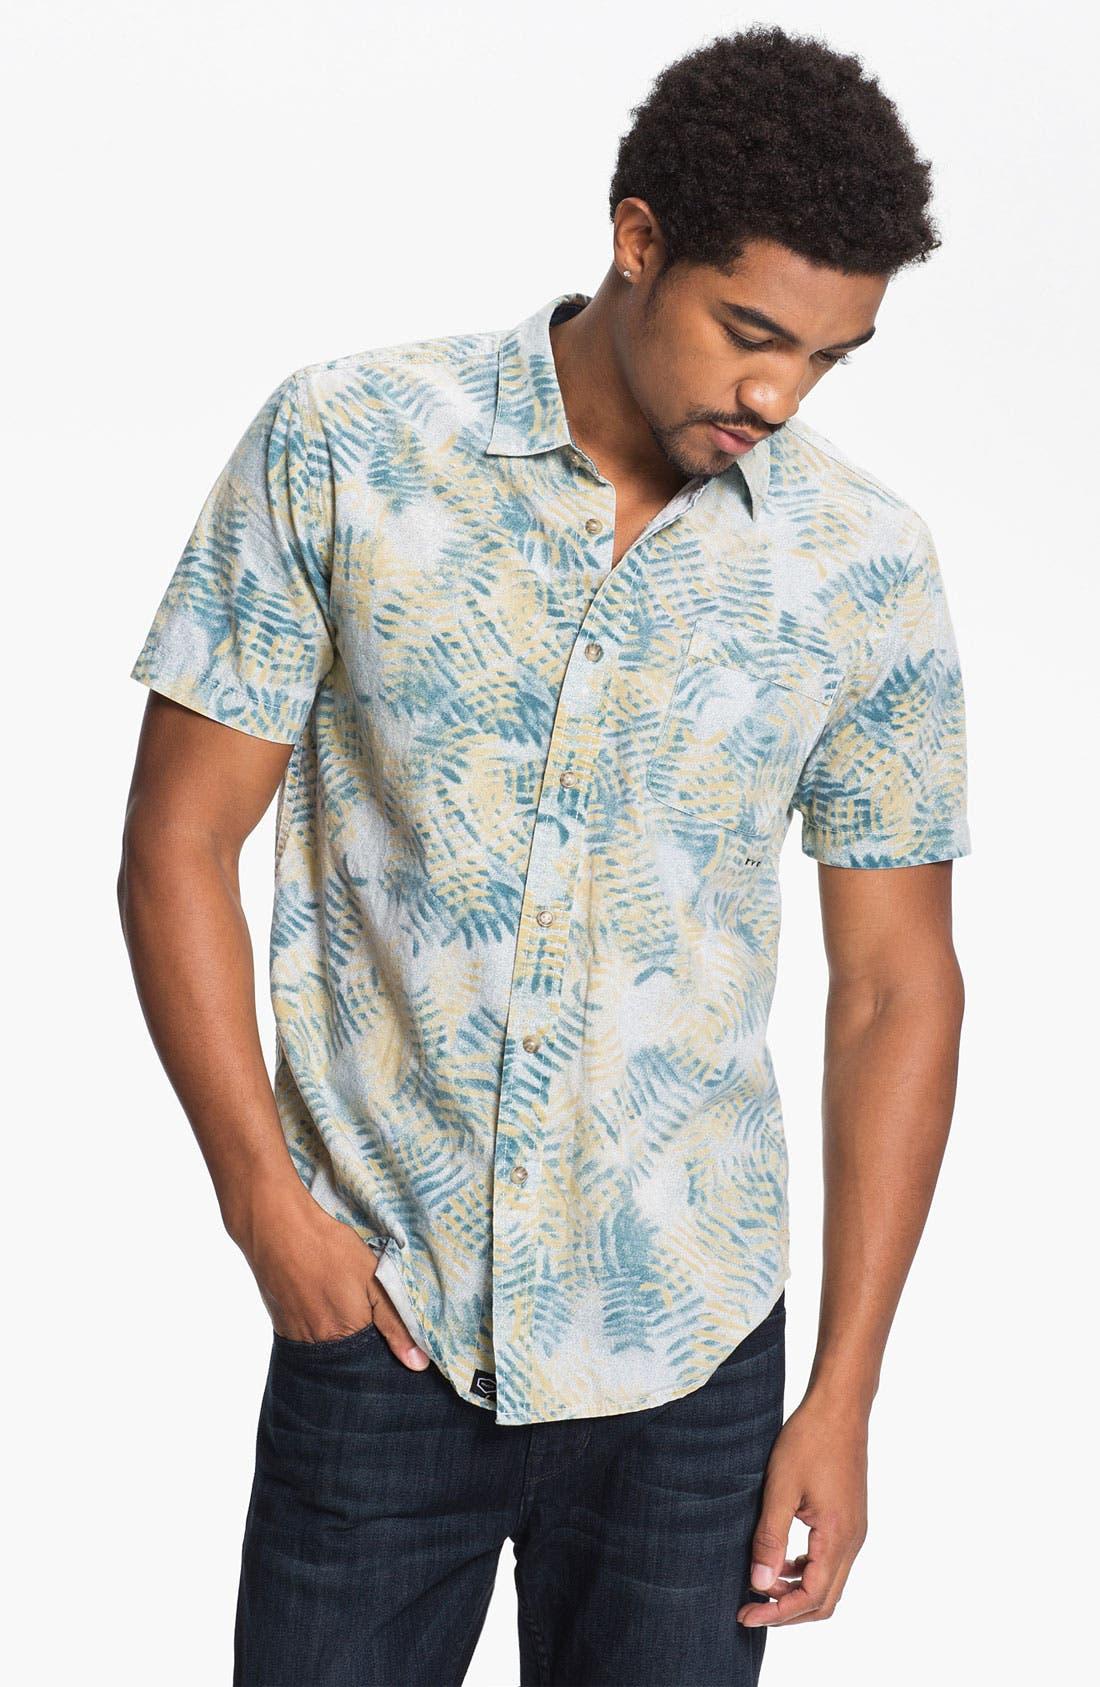 Main Image - Barbour Jacket, RVCA Shirt & Paige Jeans